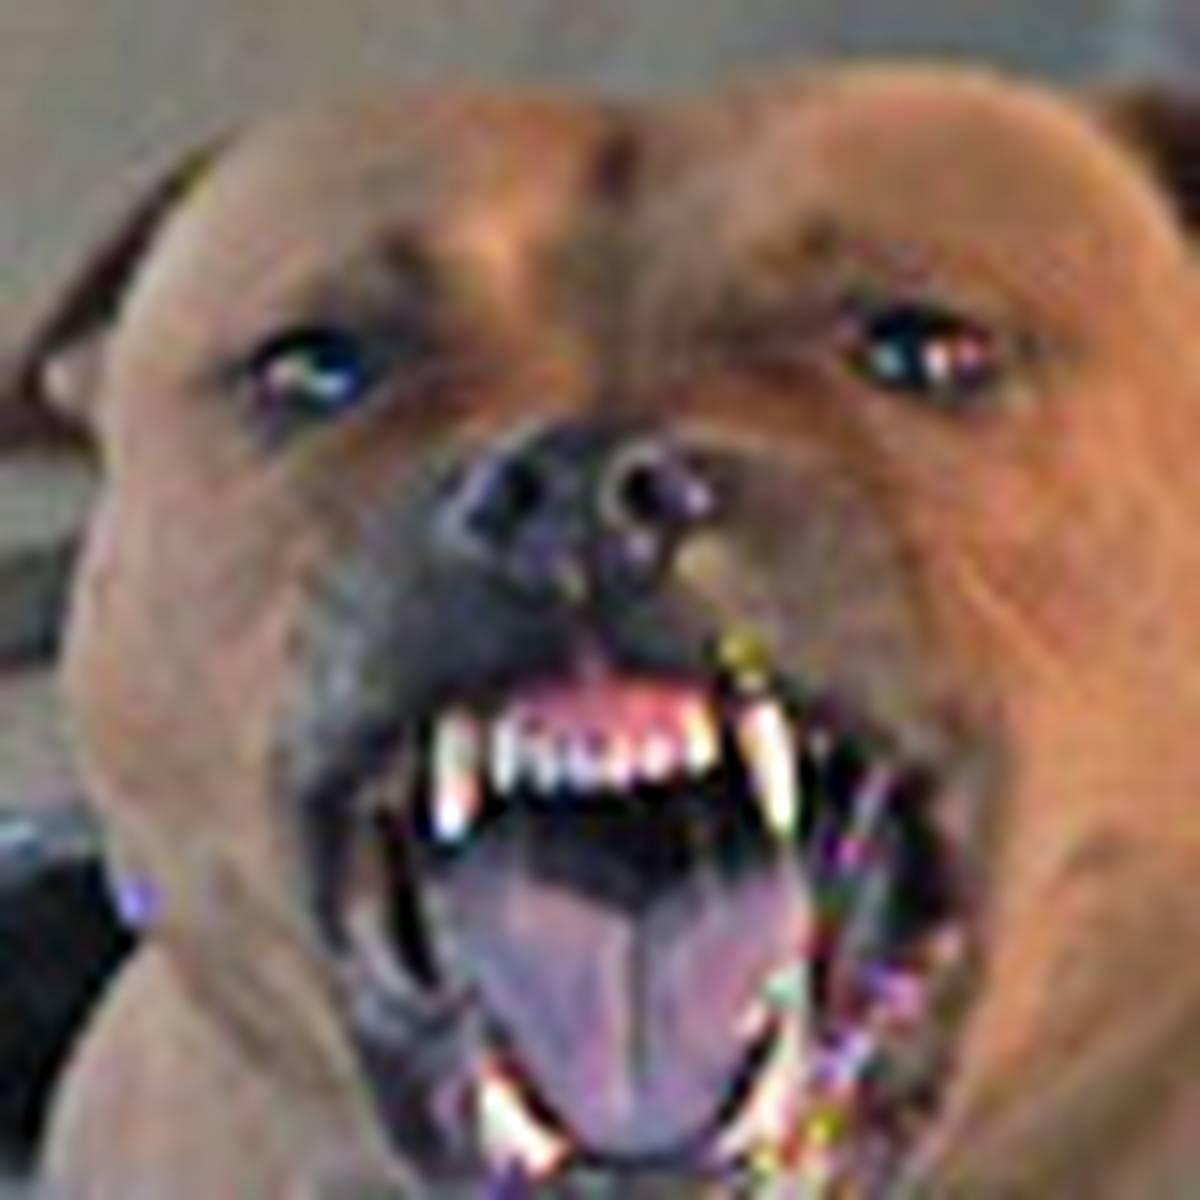 Terrier dies after saving children from pitbulls - NZ Herald